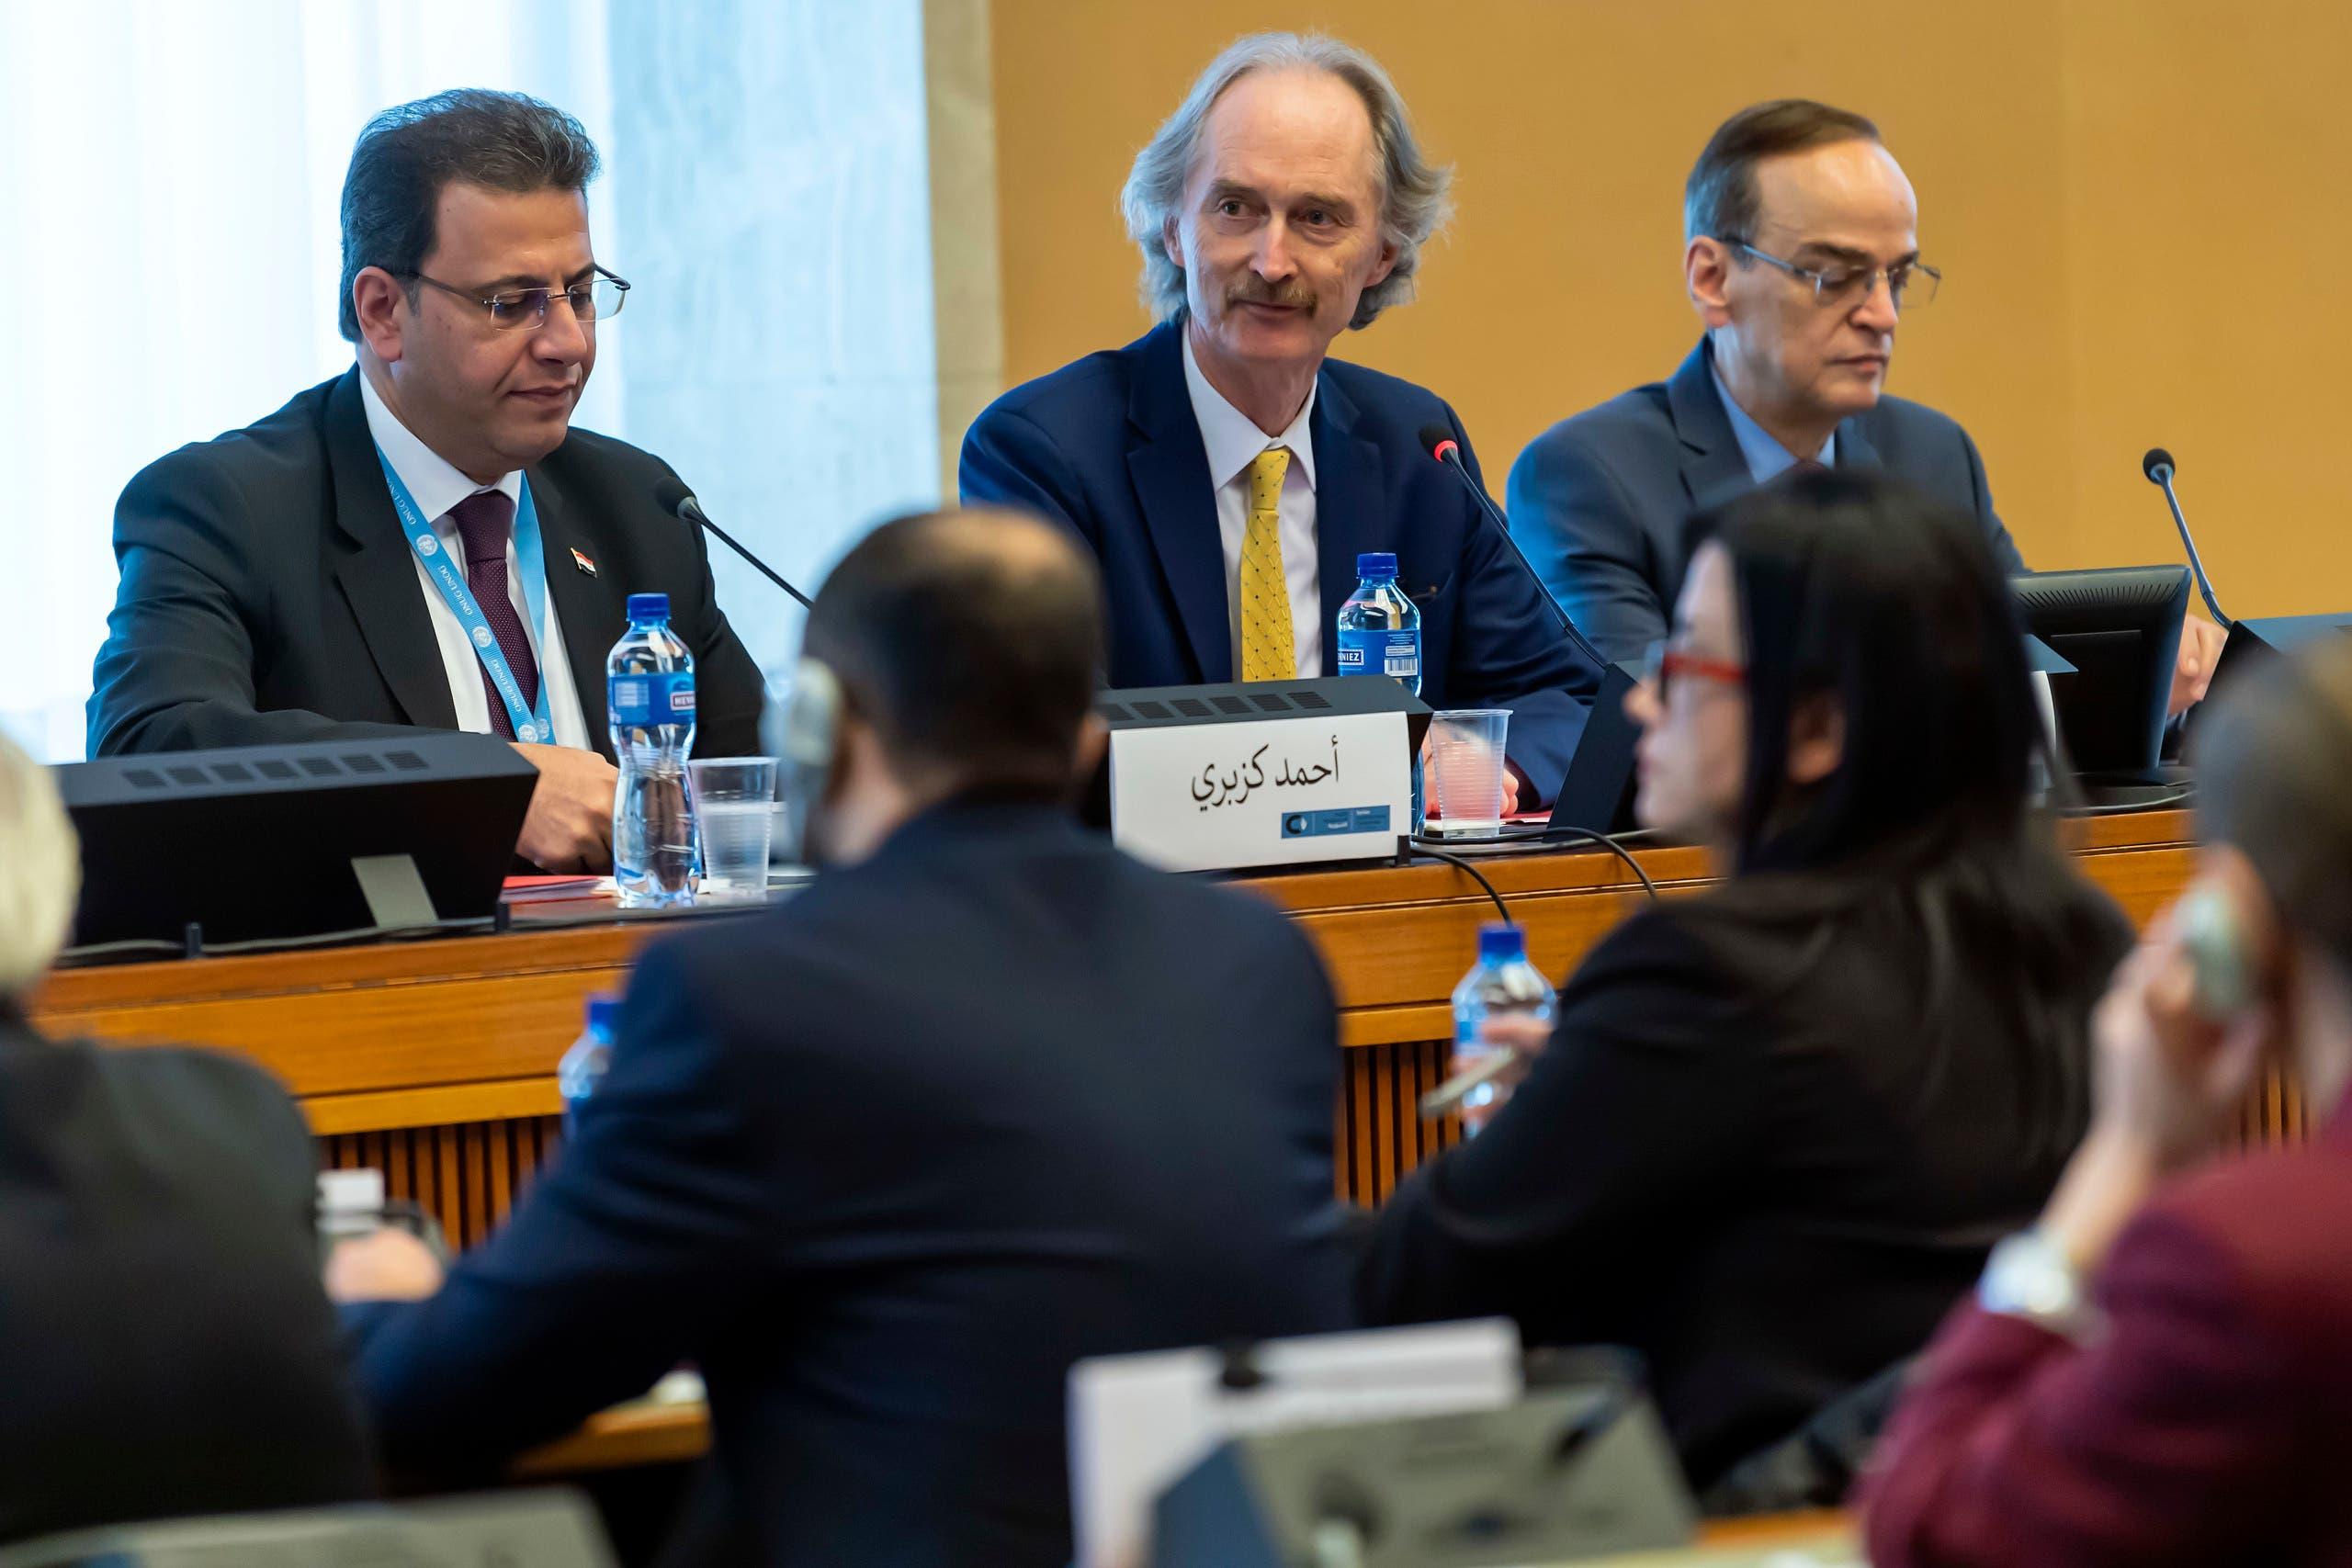 المبعوث الدولي الخاص إلى سوريا غير بيدرسون ورئيس وفد النظام  أحمد الكزبري (فرانس برس)